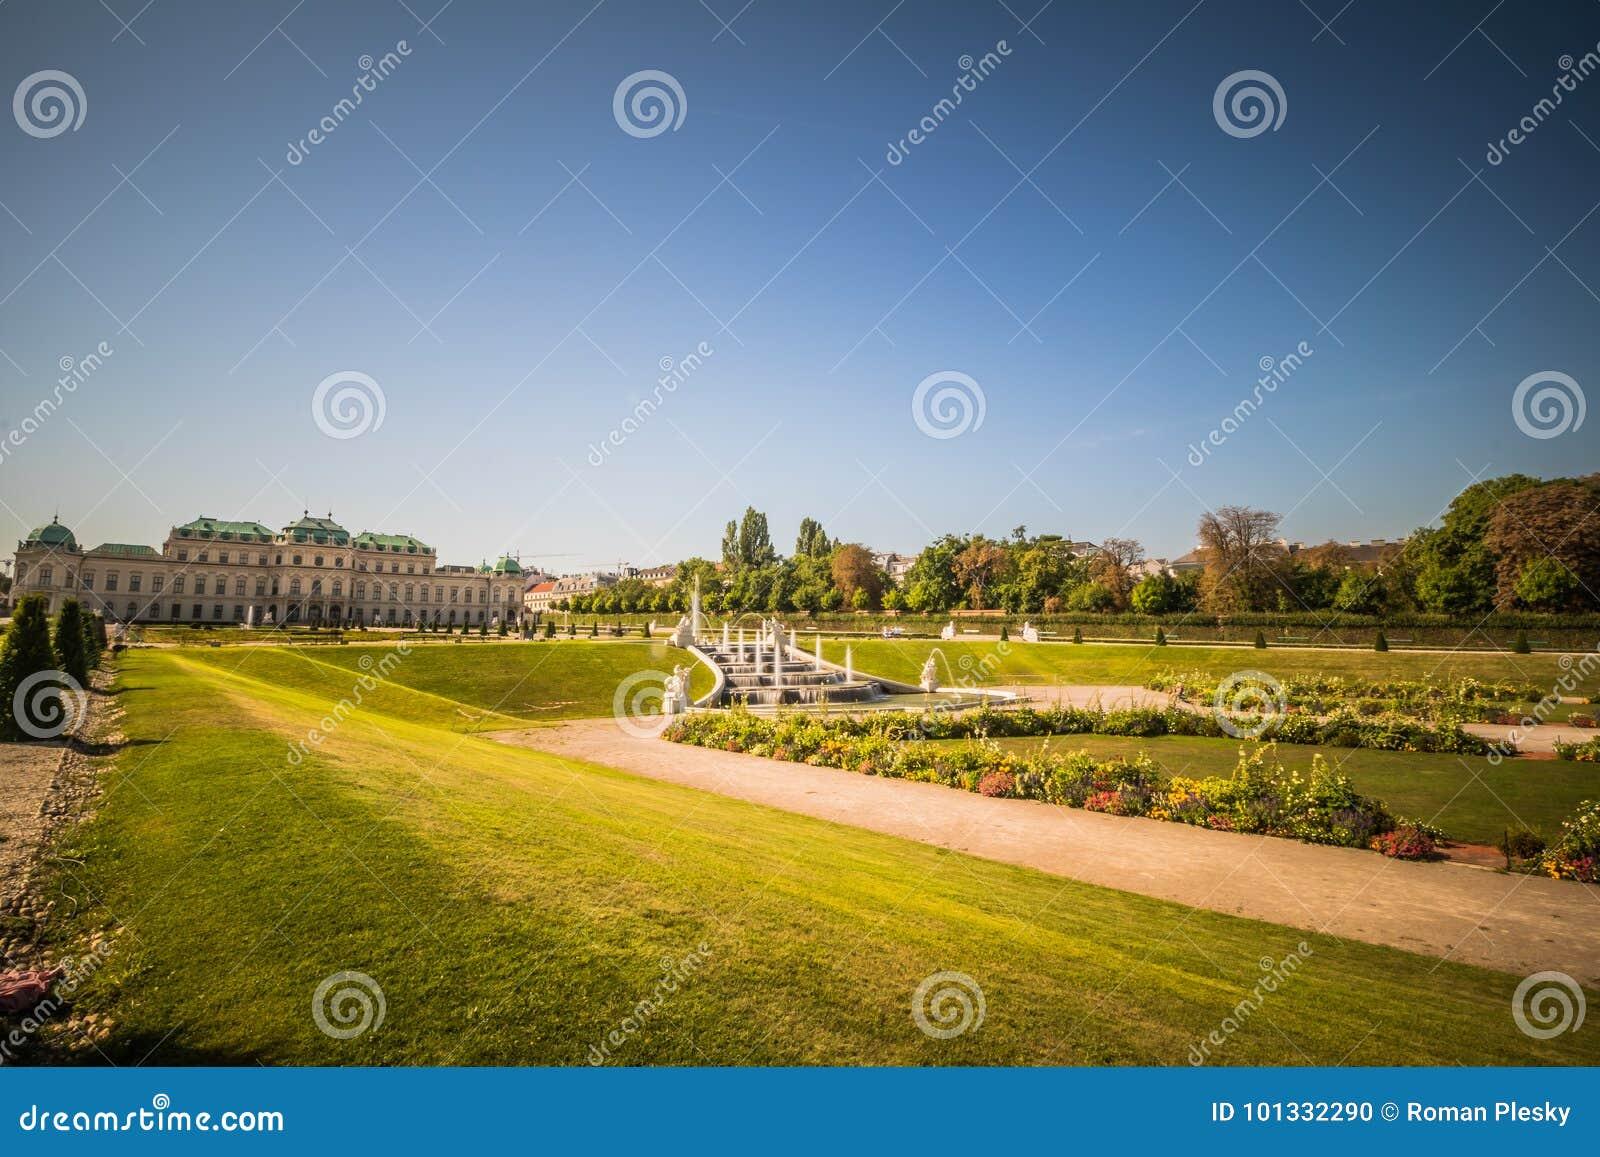 Giardino del palazzo del belvedere a Vienna, Austria